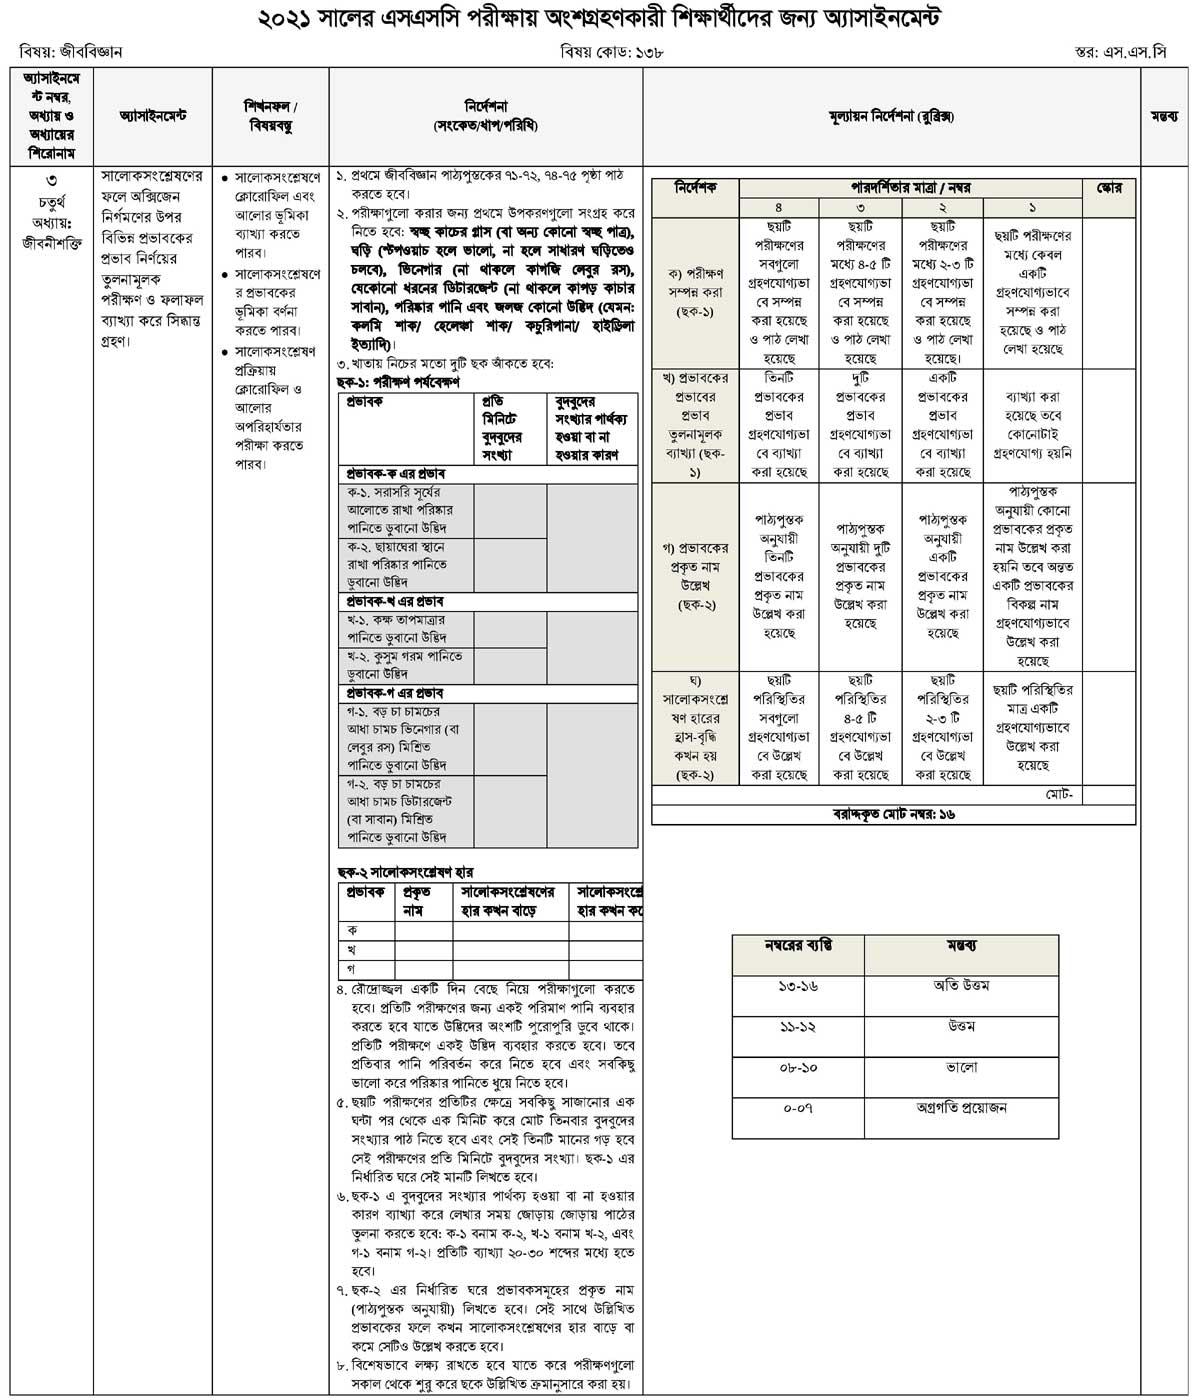 এসএসসি পরীক্ষা ২০২১ চতুর্থ সপ্তাহের অ্যাসাইনমেন্ট জীব বিজ্ঞান